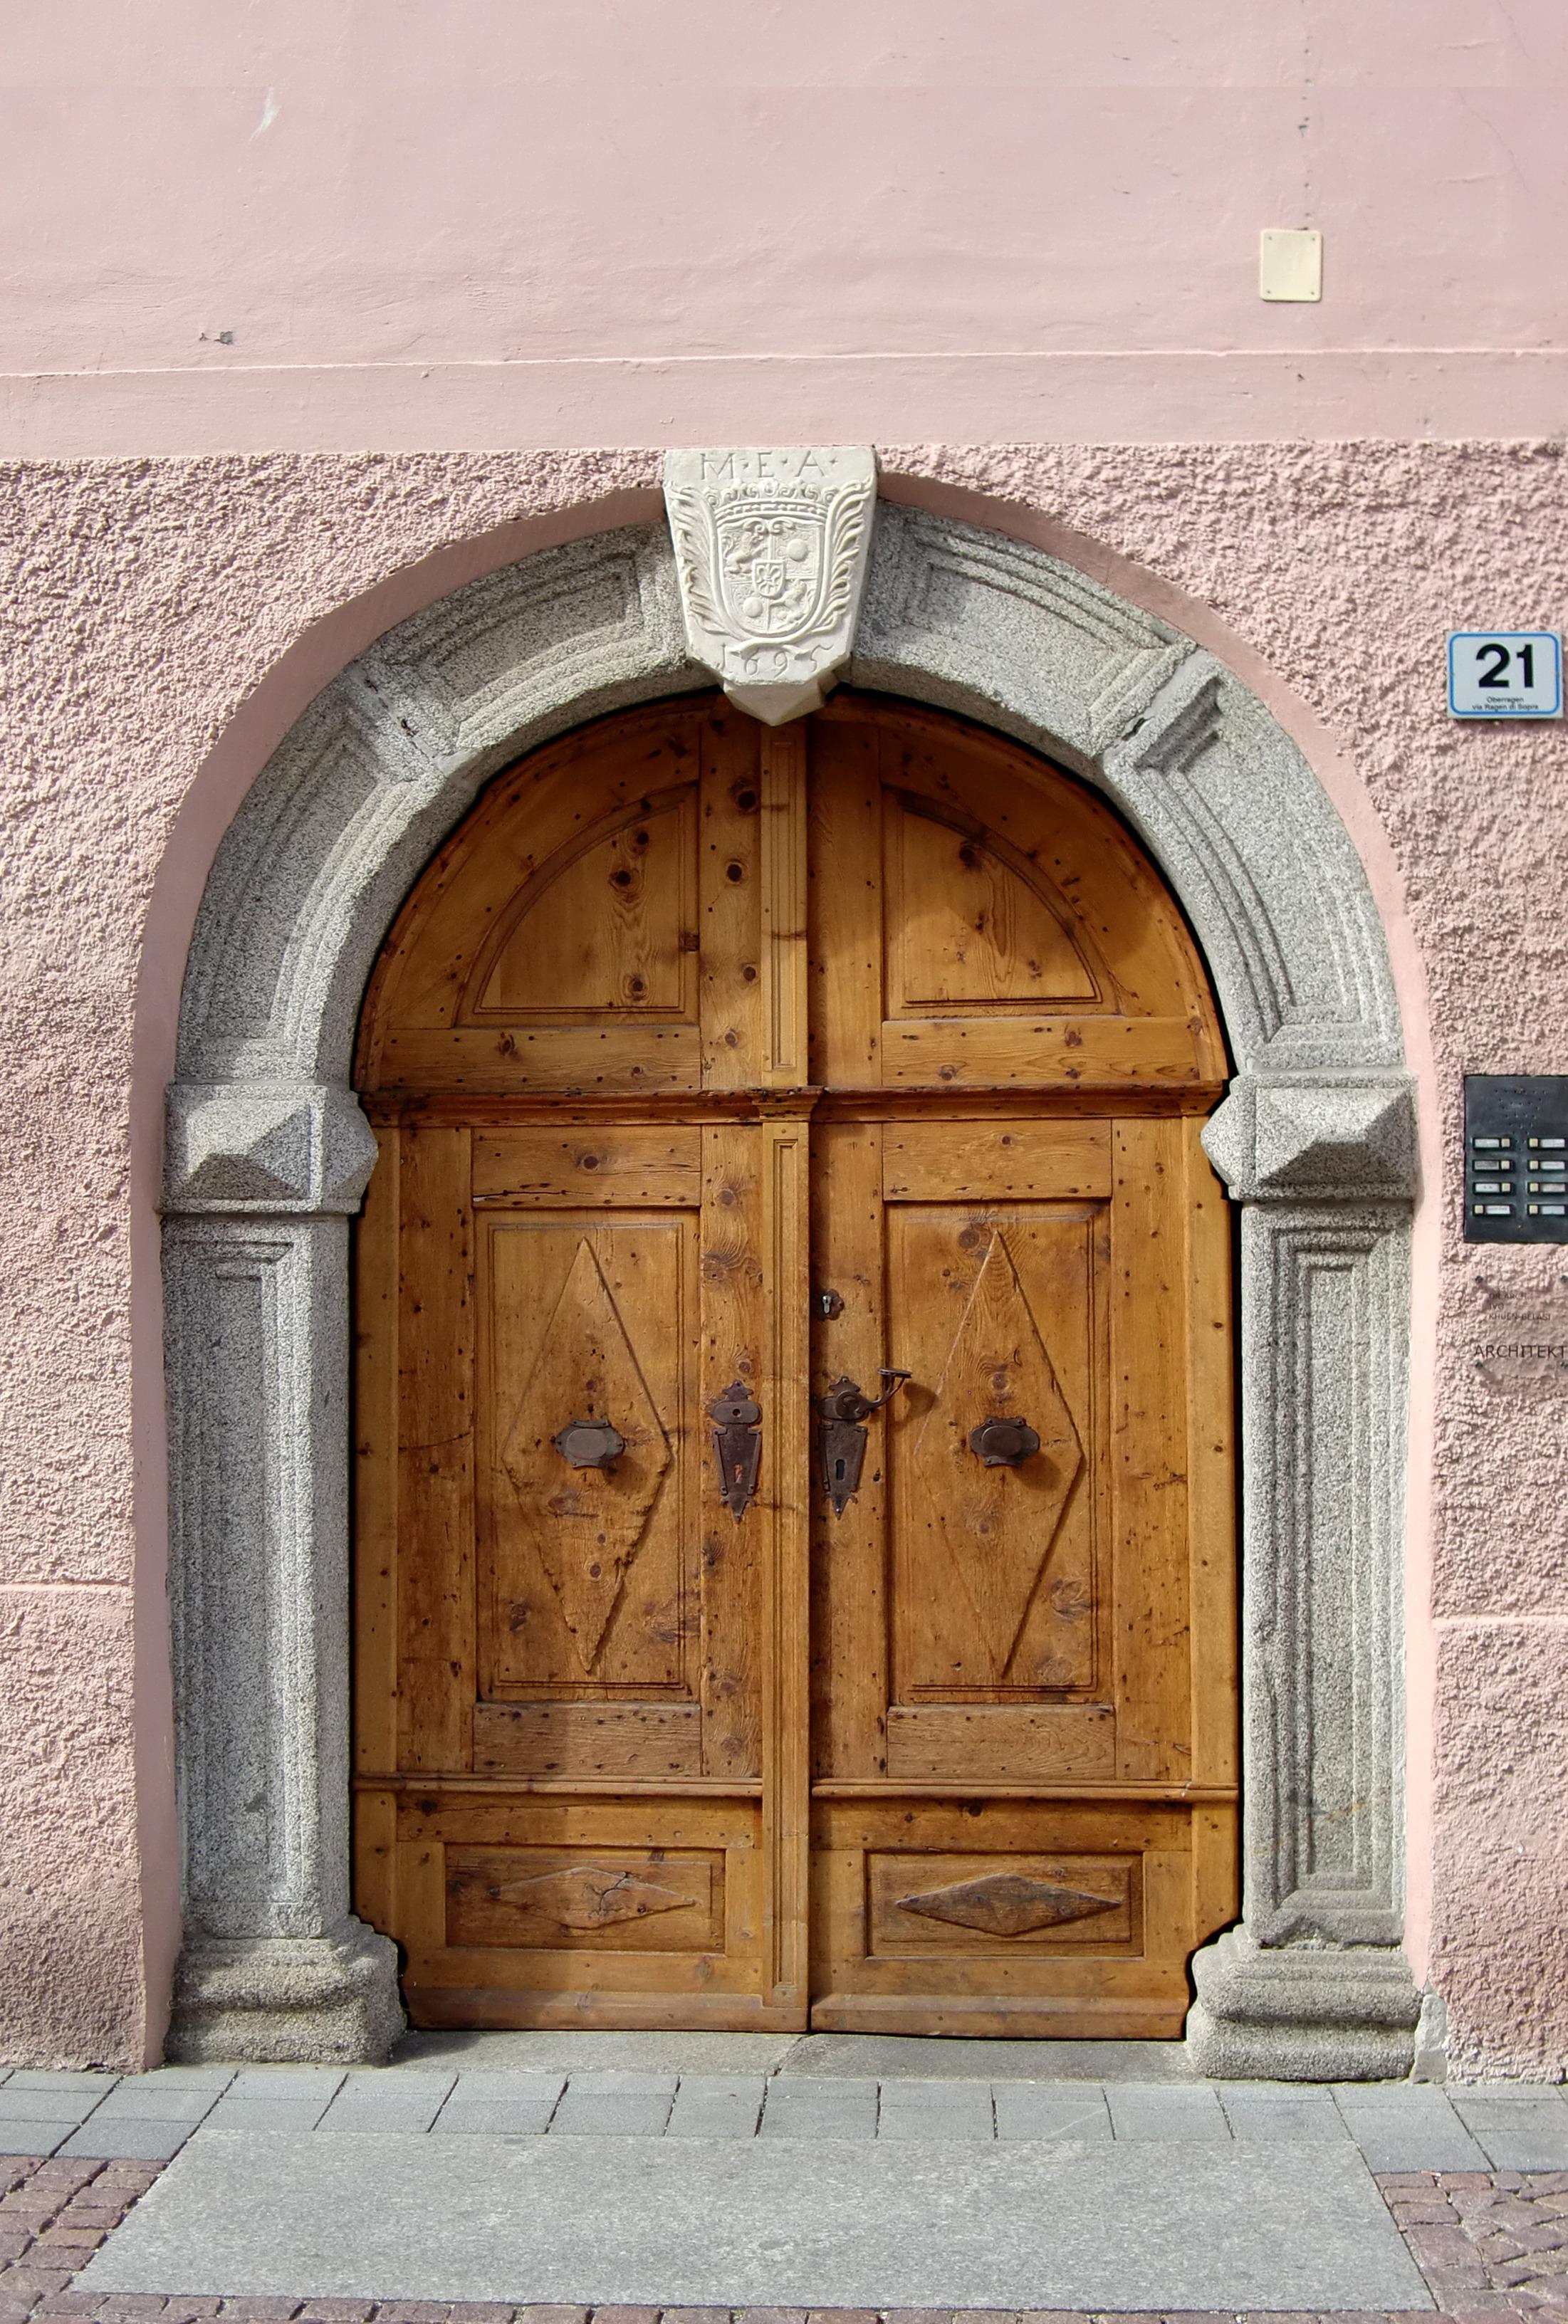 die architektur struktur holz fenster mauer bogen fassade mobel tor tur tor carving eingang portal alte